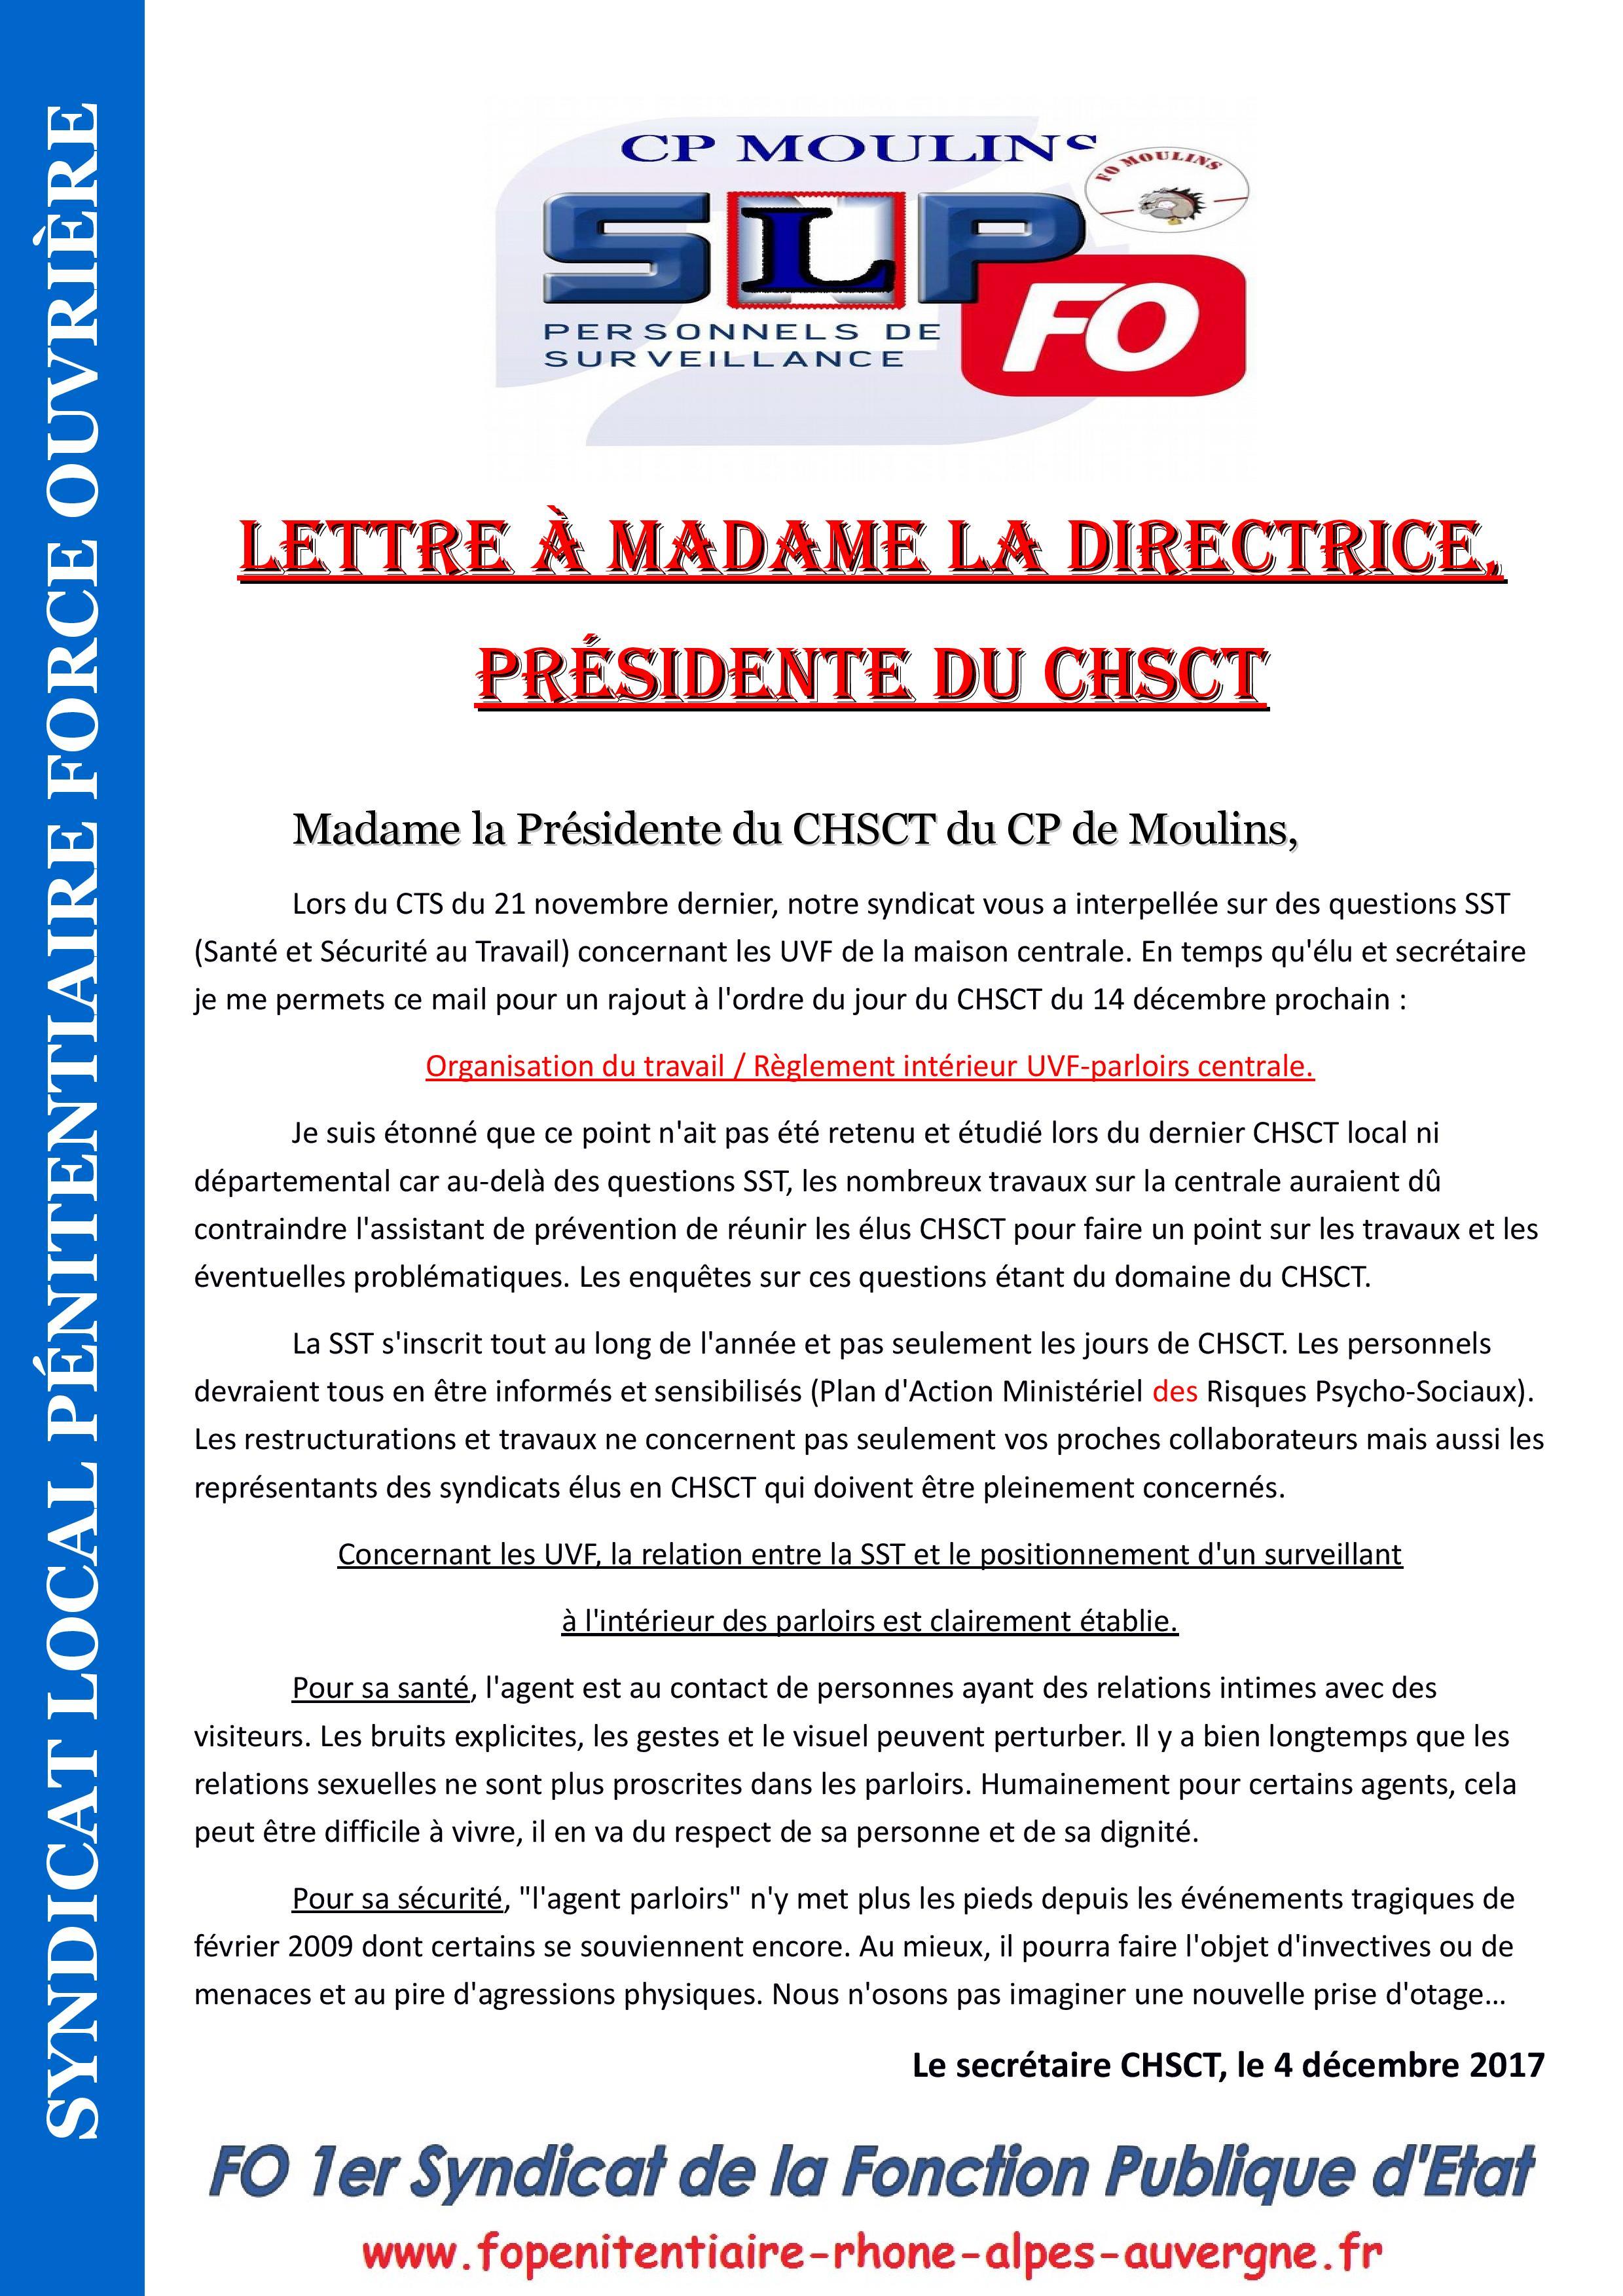 Lettre à Madame la Directrice, présidente du CHSCT-page-001